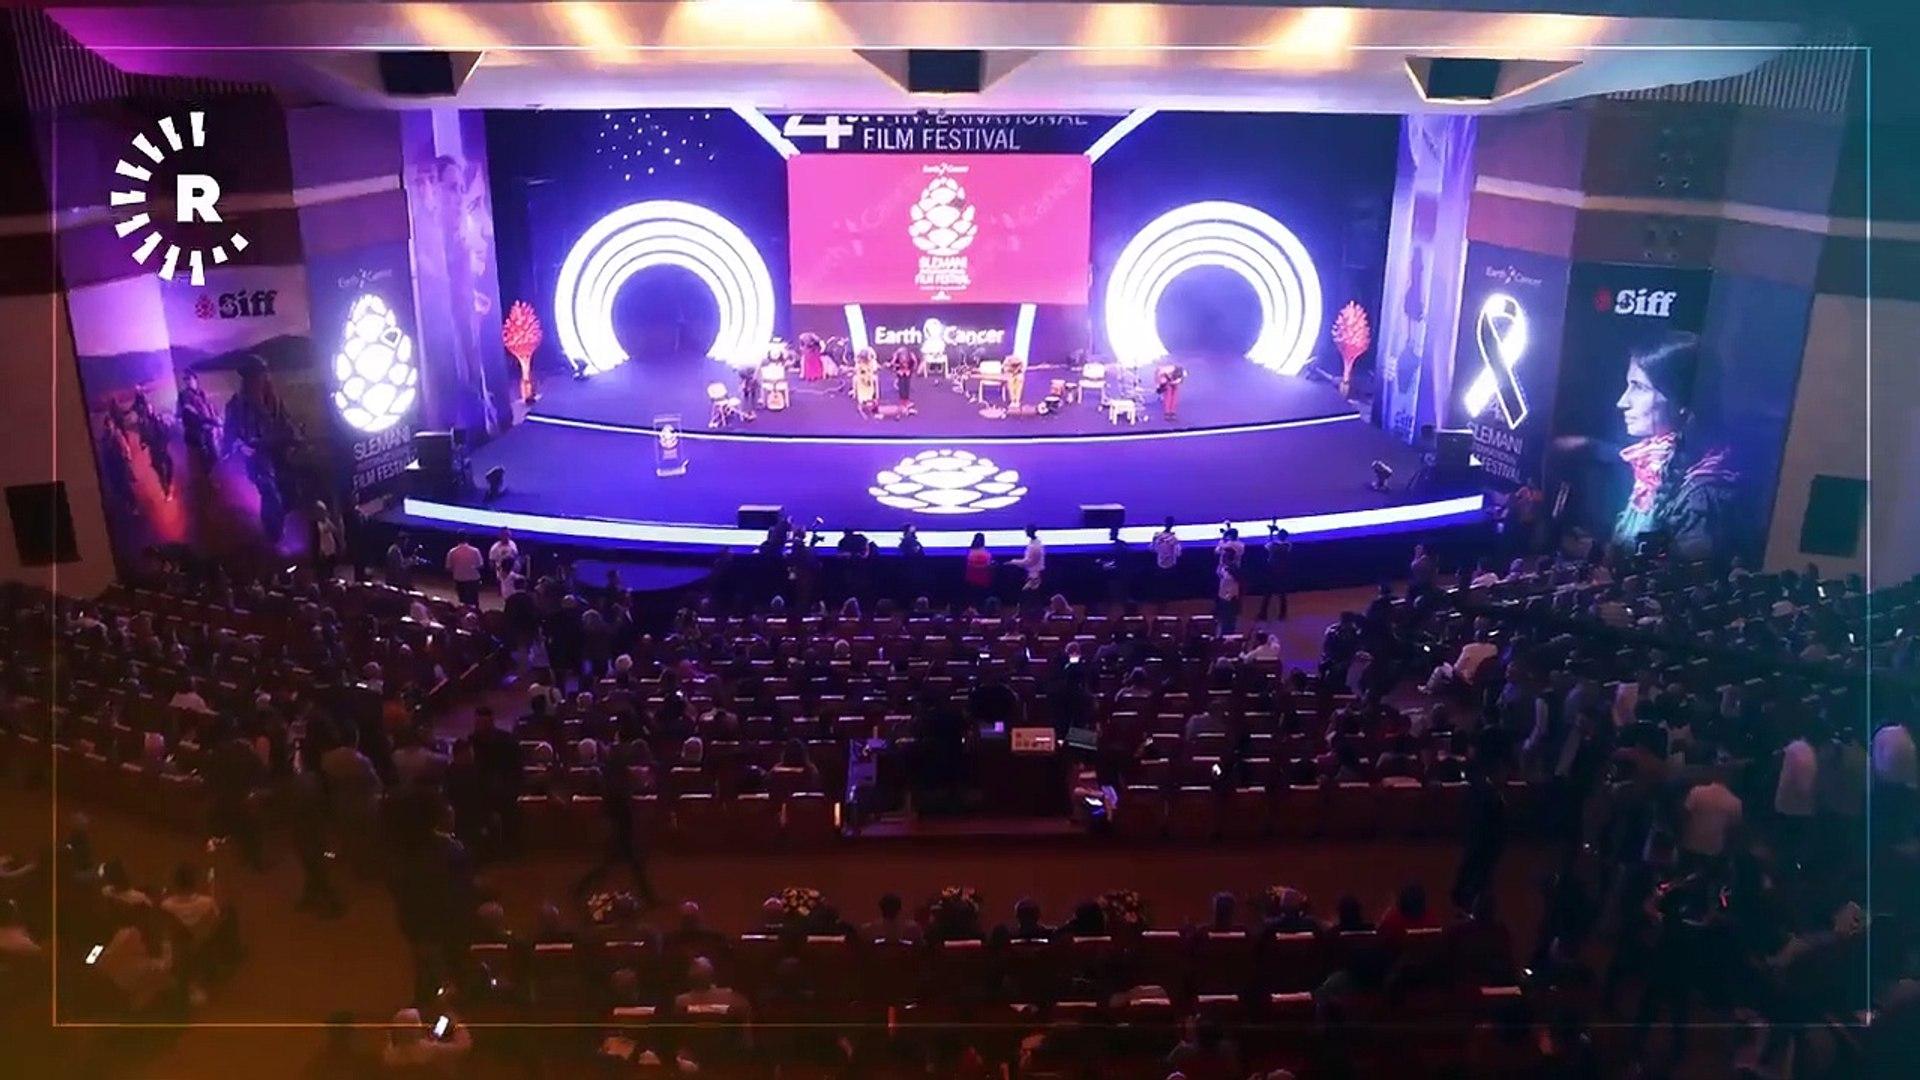 4. Süleymaniye Film Festivali başladı; 57 ülkeden 150'den fazla haber gösterilecek